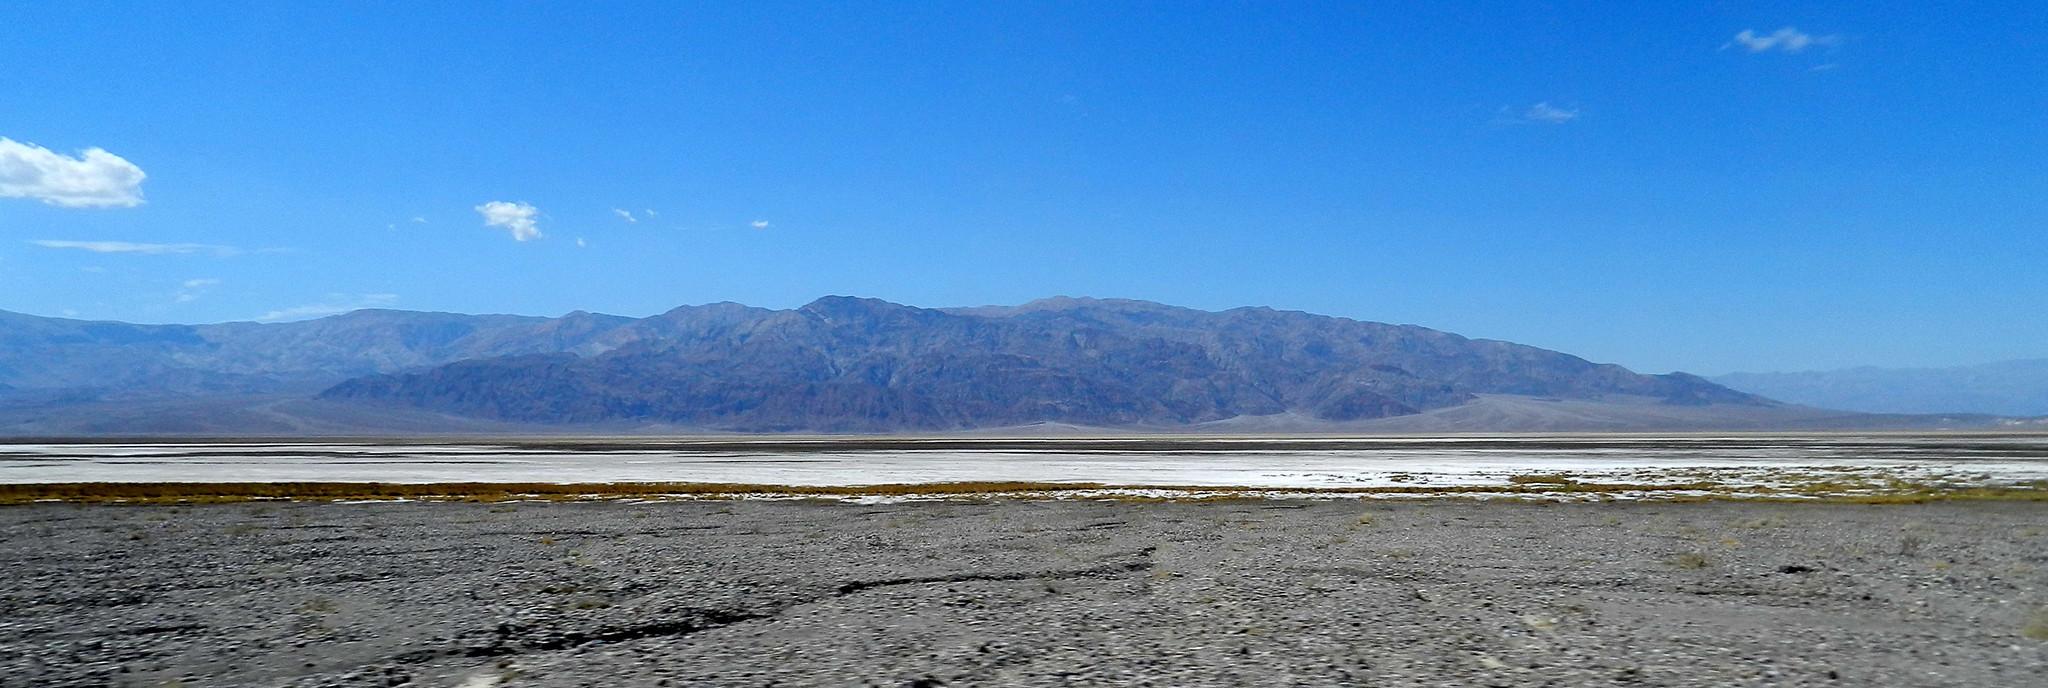 Vistas del Parque Nacional del Valle de la Muerte EEUU